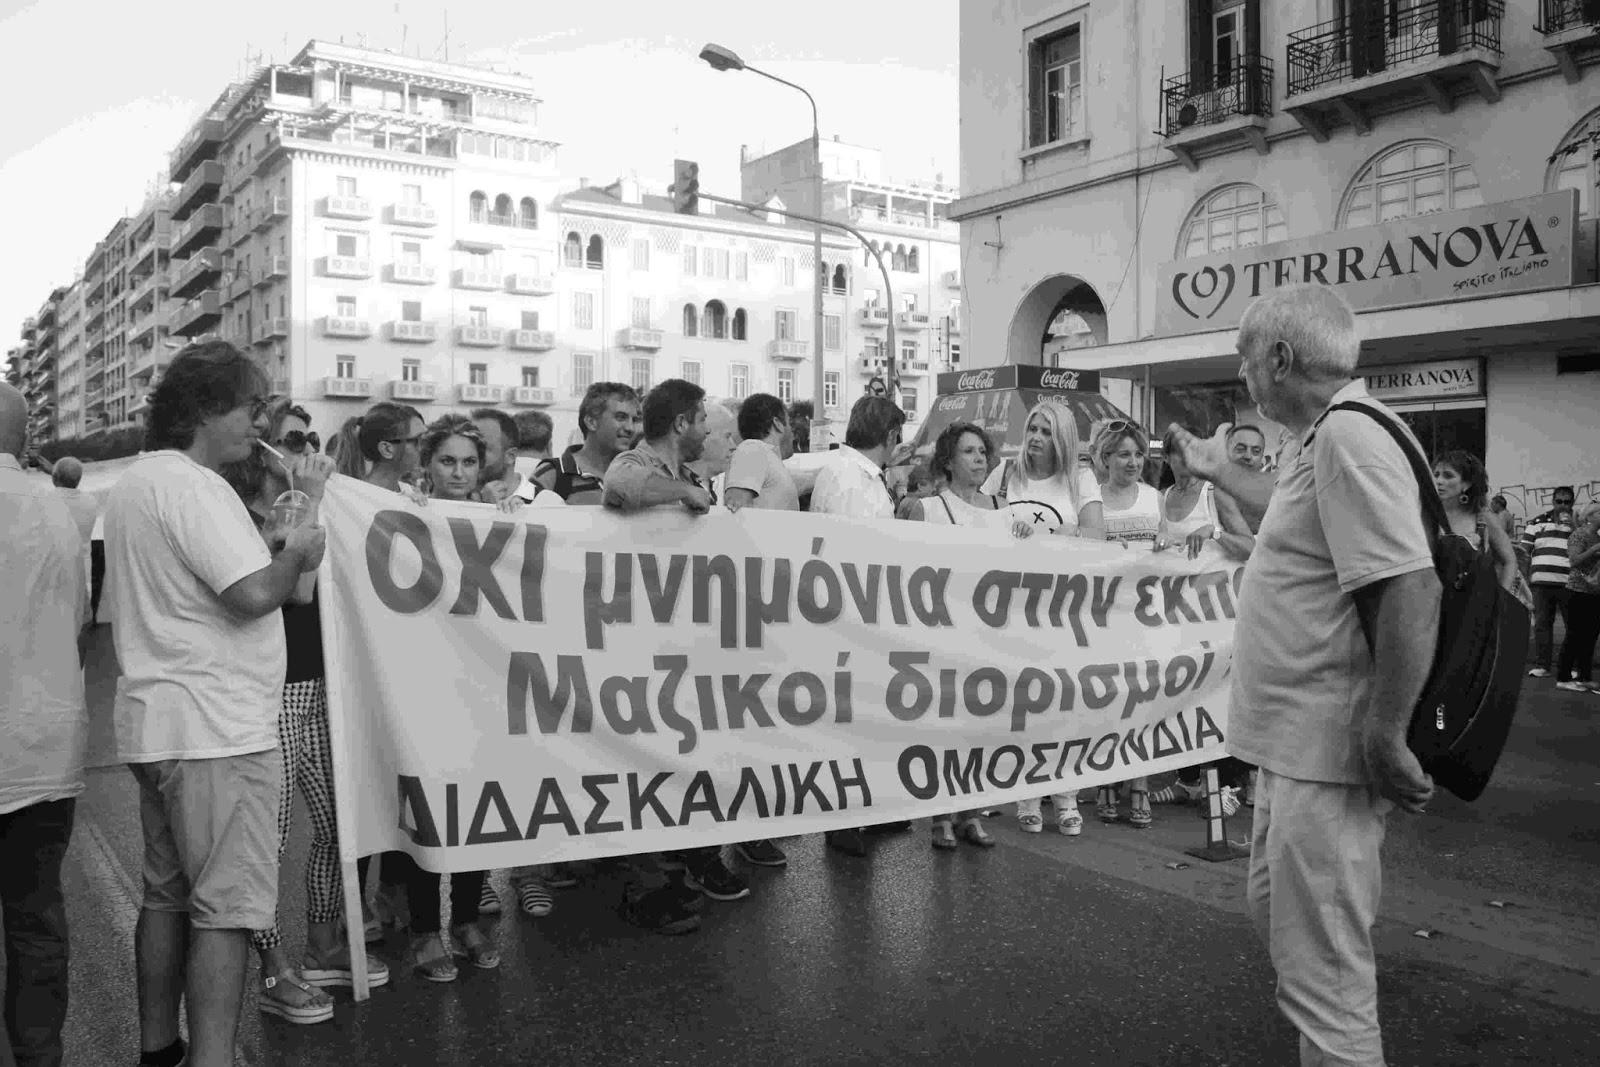 Ο Αθανάσιος Παπανδρόπουλος επιχειρεί να απαντήσει στο ερώτημα αν υπάρχει ελληνικός συνδικαλισμός. Και σε αυτήν την προσπάθεια διαπιστώνει ότι τραμπουκισμός και συνδικαλισμός στην ελληνική περίπτωση είναι συνώνυμος. Αφορμή τα επεισόδια στη Ρόδο στο συνέδριο της ΓΣΕΕ. new deal